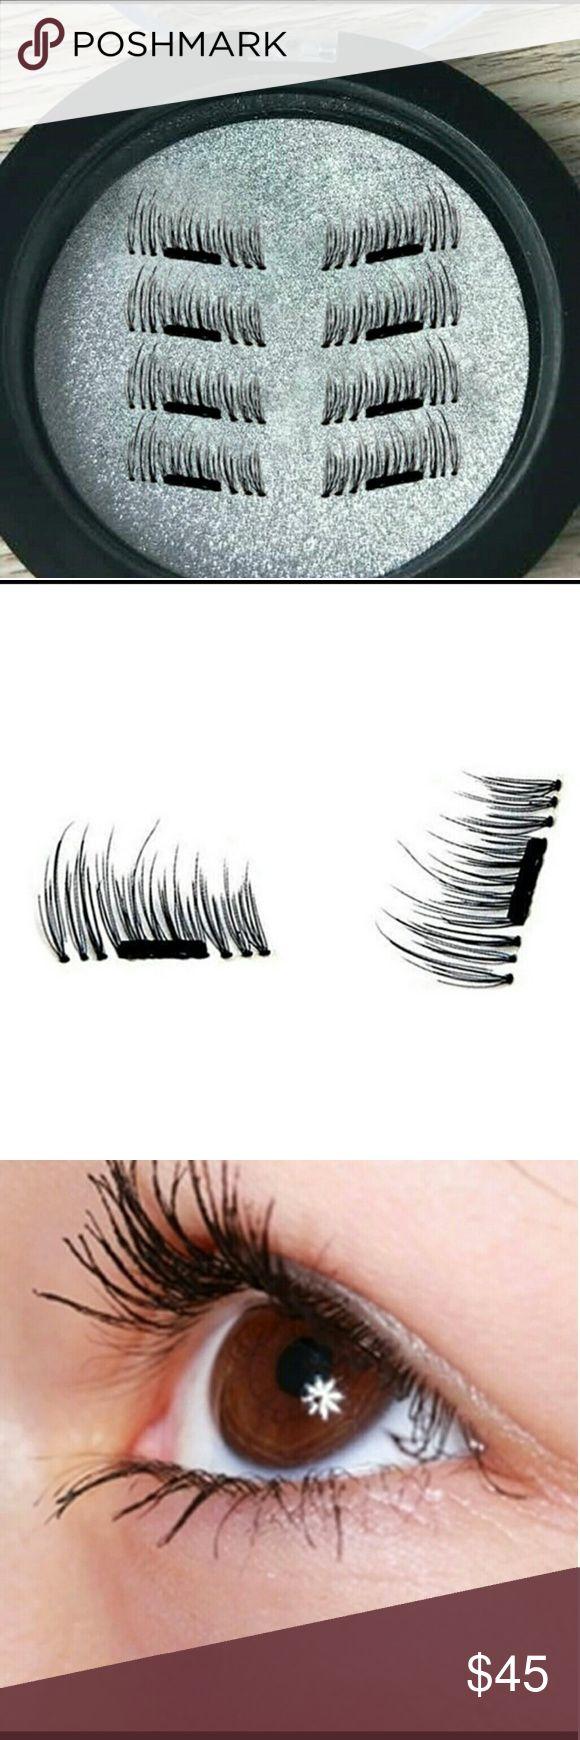 Magnetic lashes 8 piece set pre order boutique